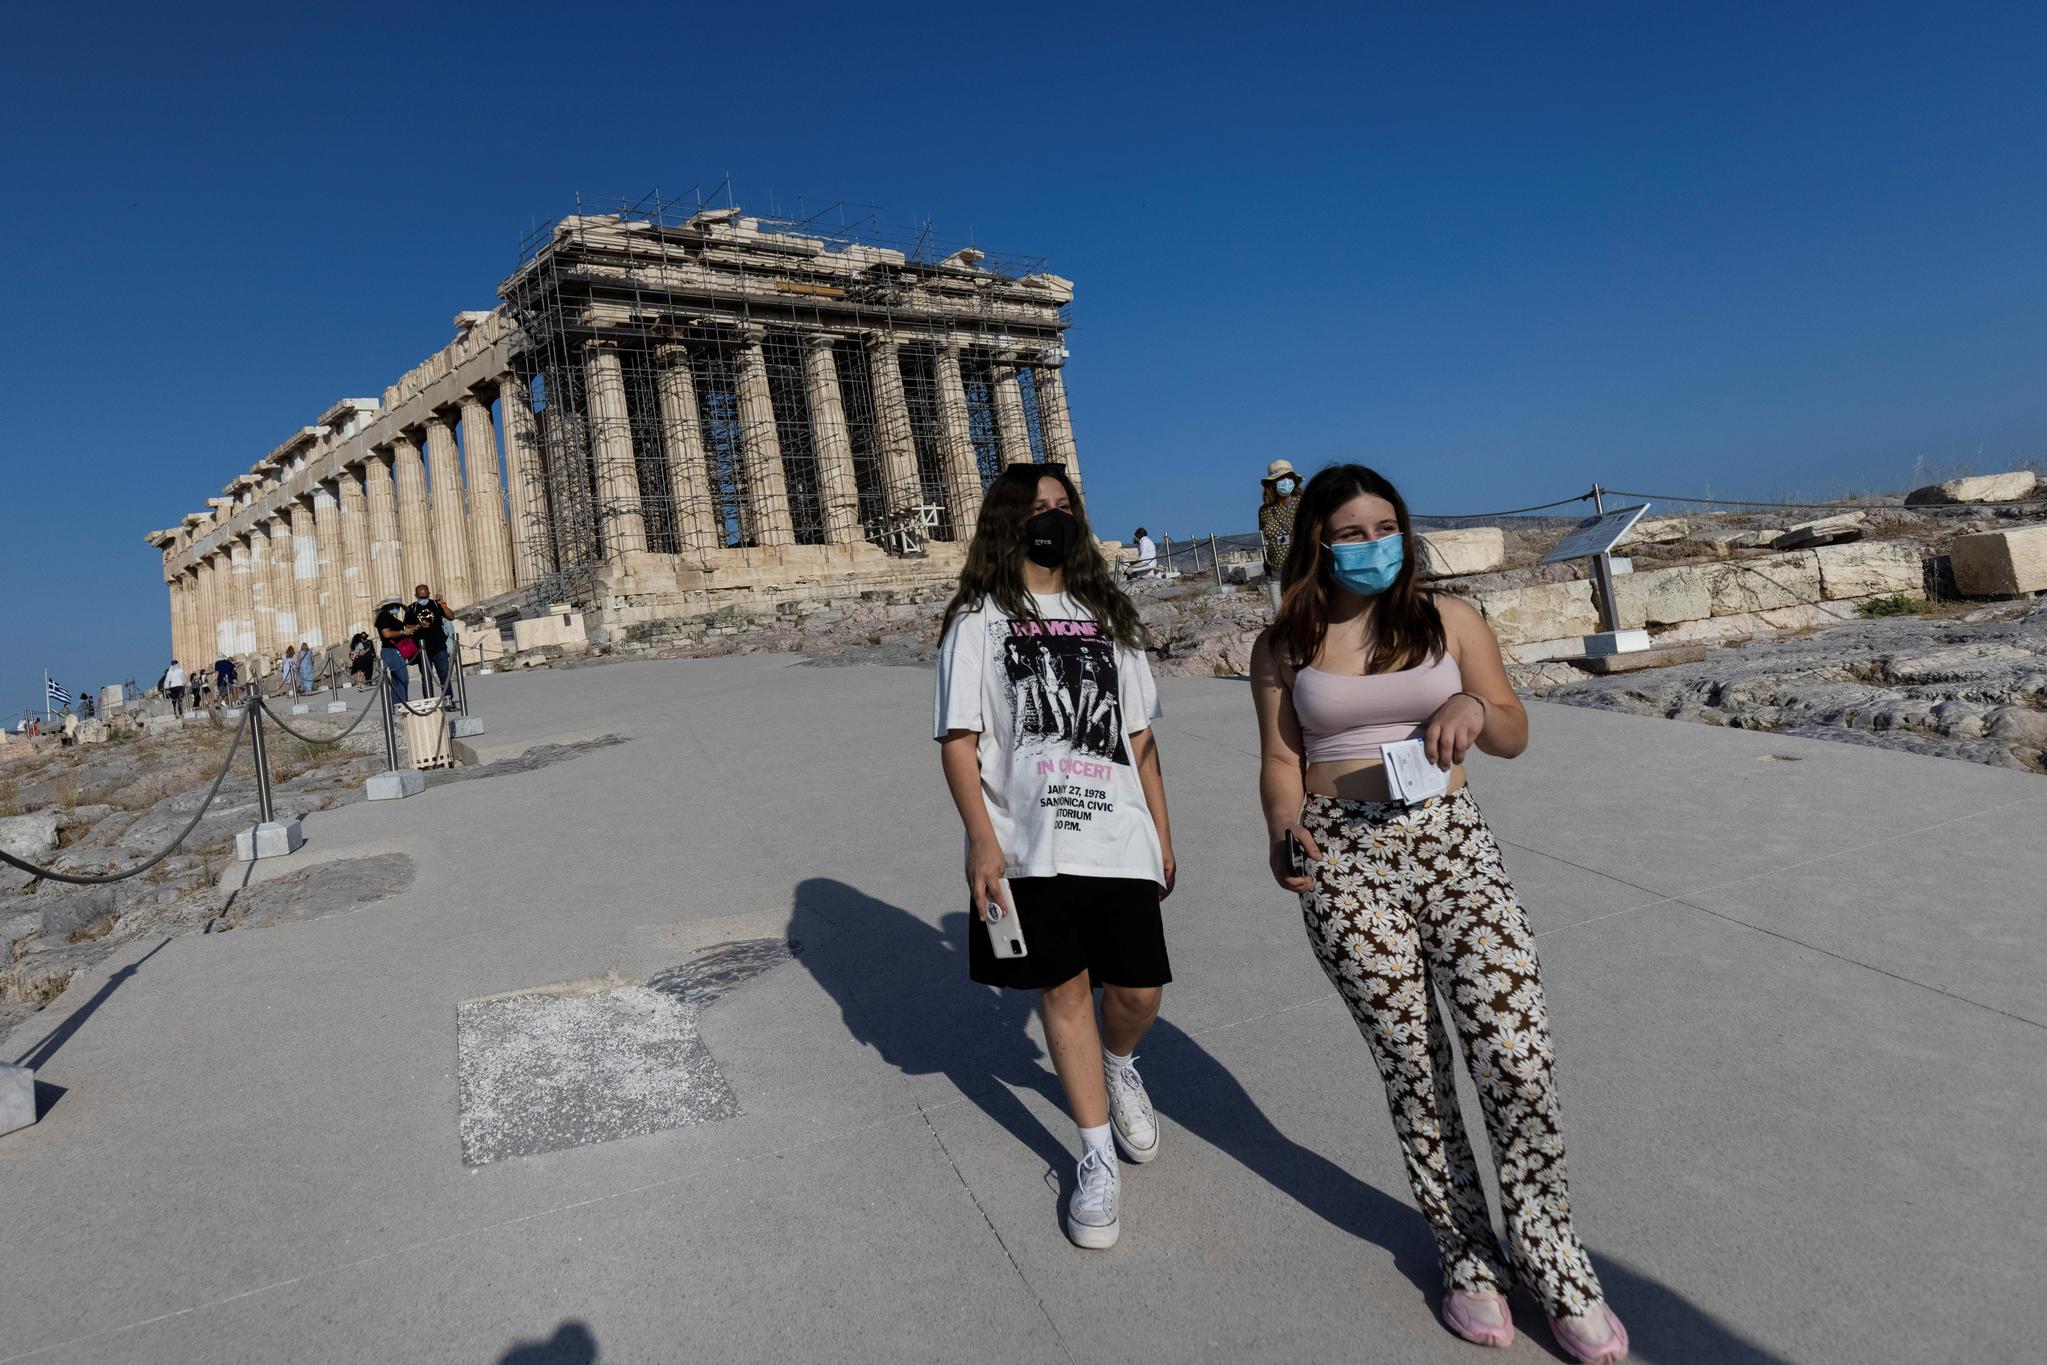 8일 그리스 아테네 아클로폴리스를 방문한 관괭객들이 새로 조성한 시멘트 보도를 걷고 있다. 로이터=연합뉴스